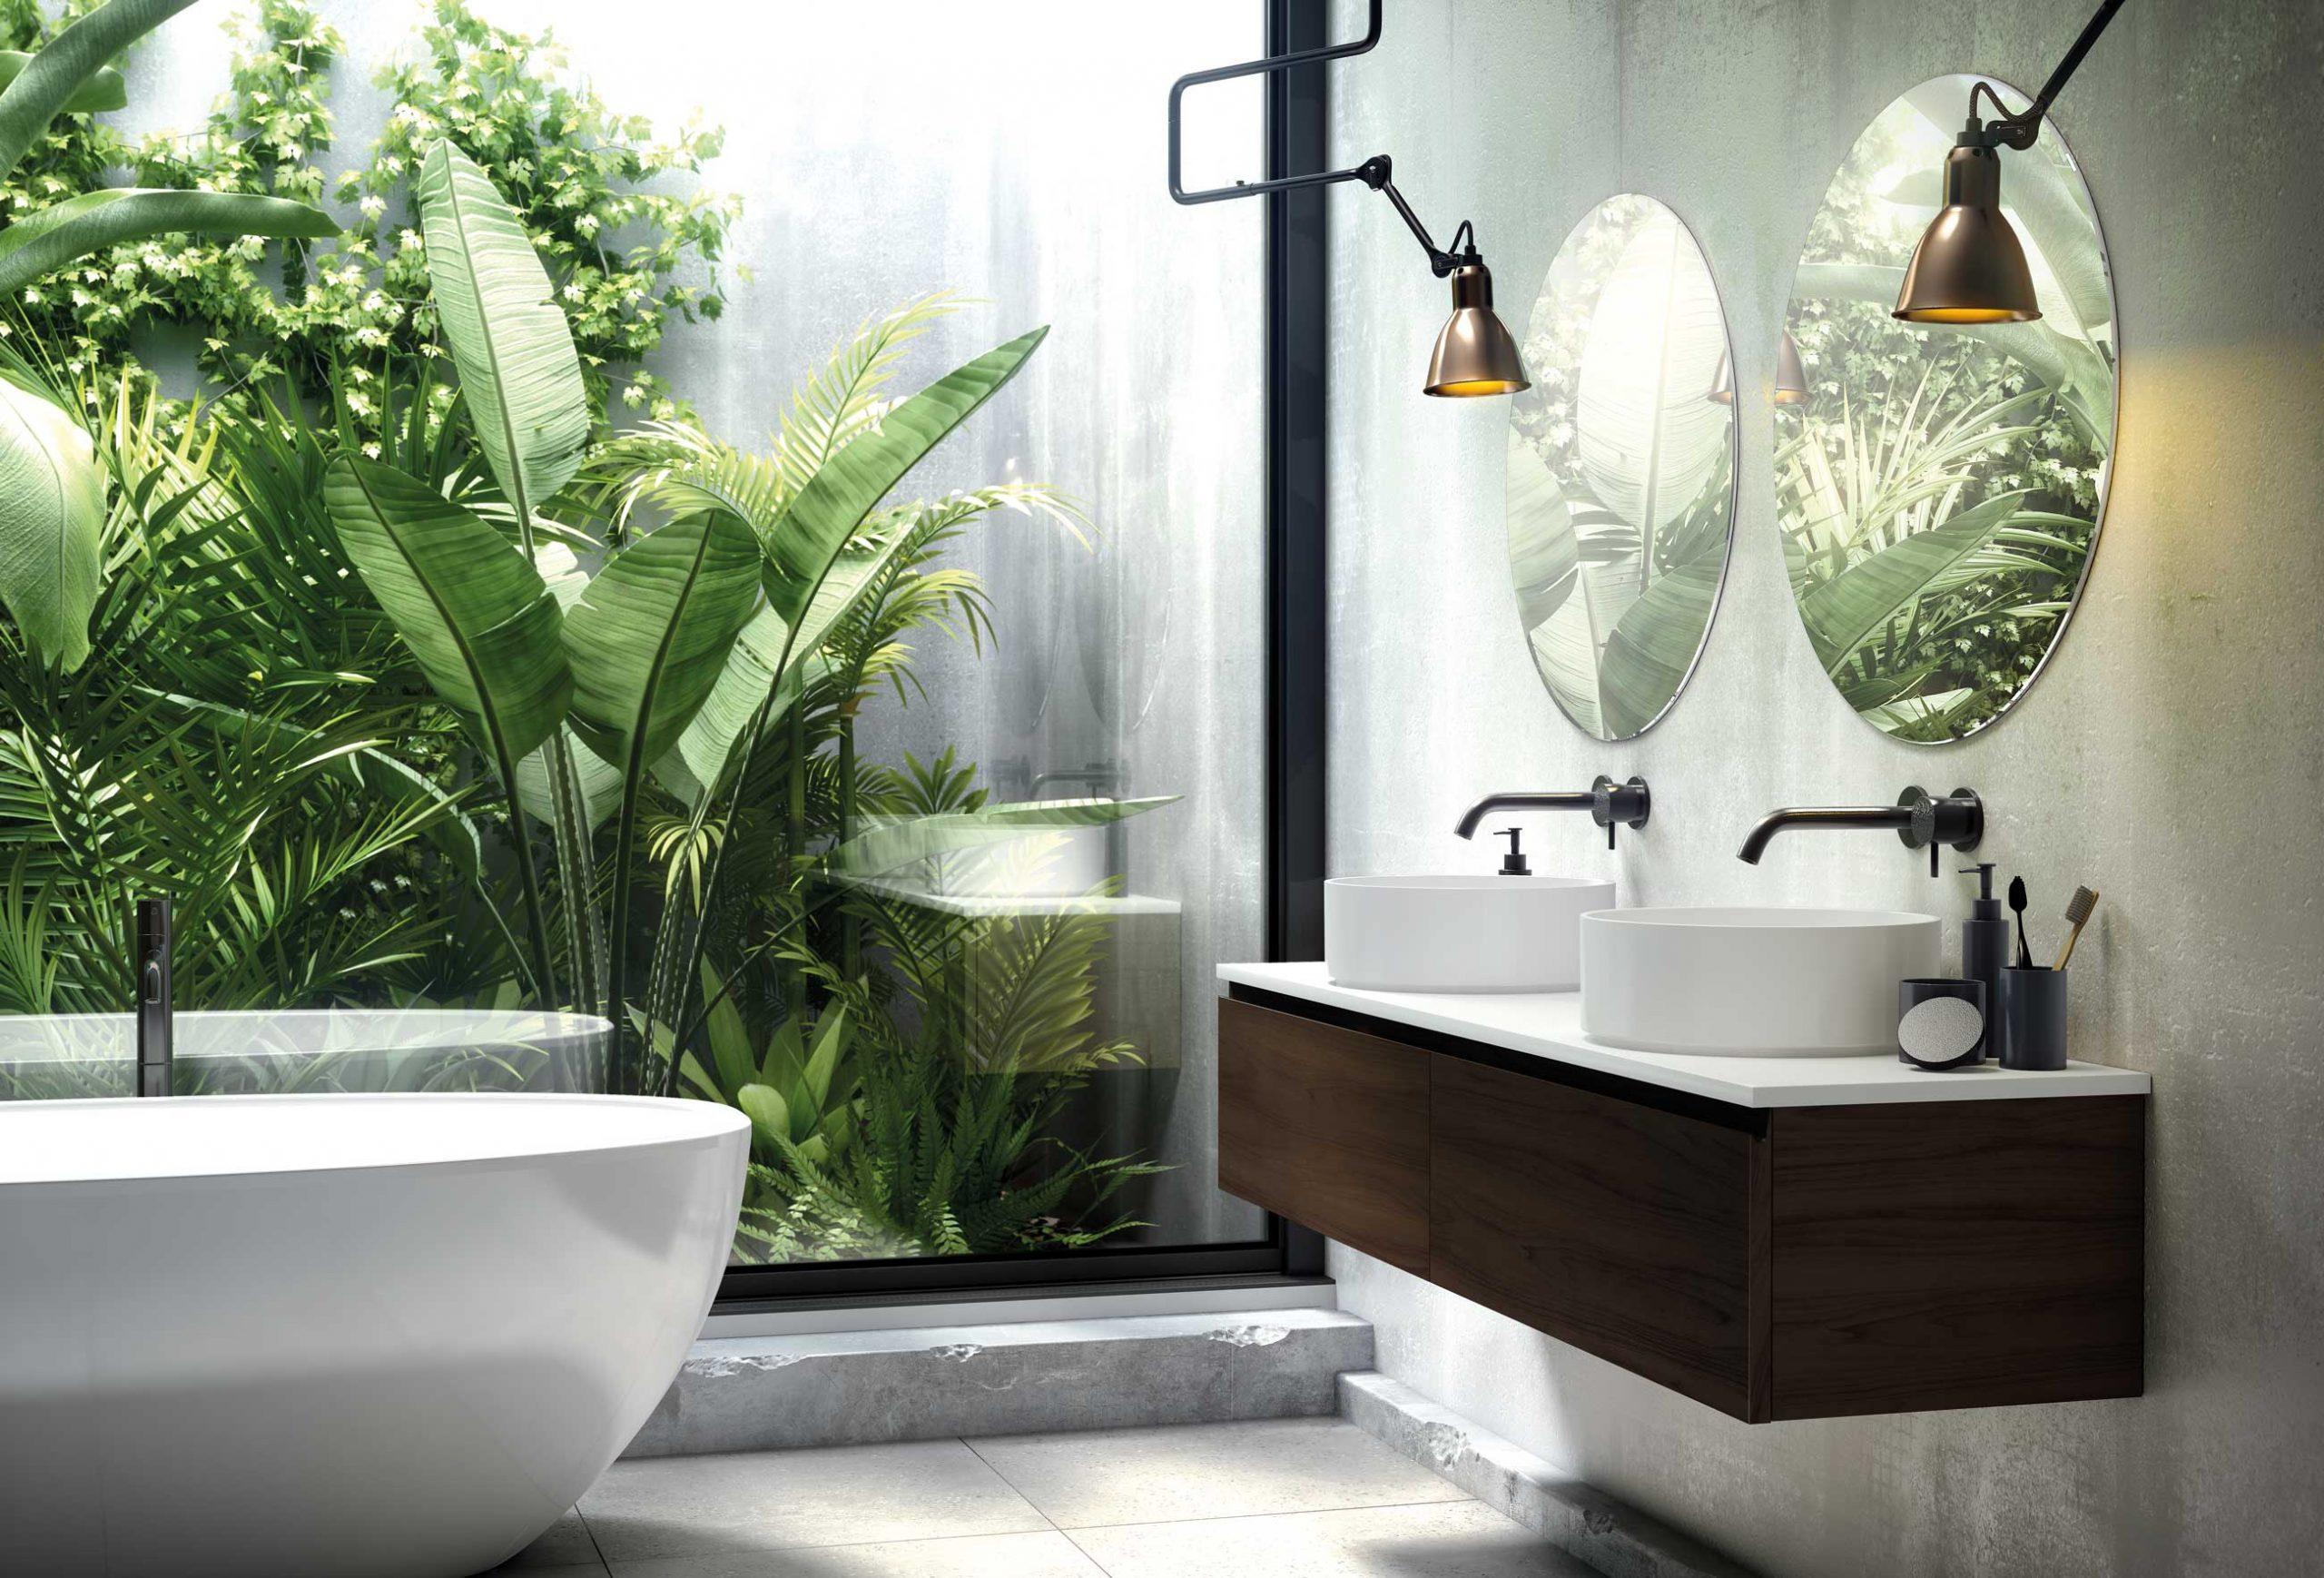 Baños para quedarse a vivir